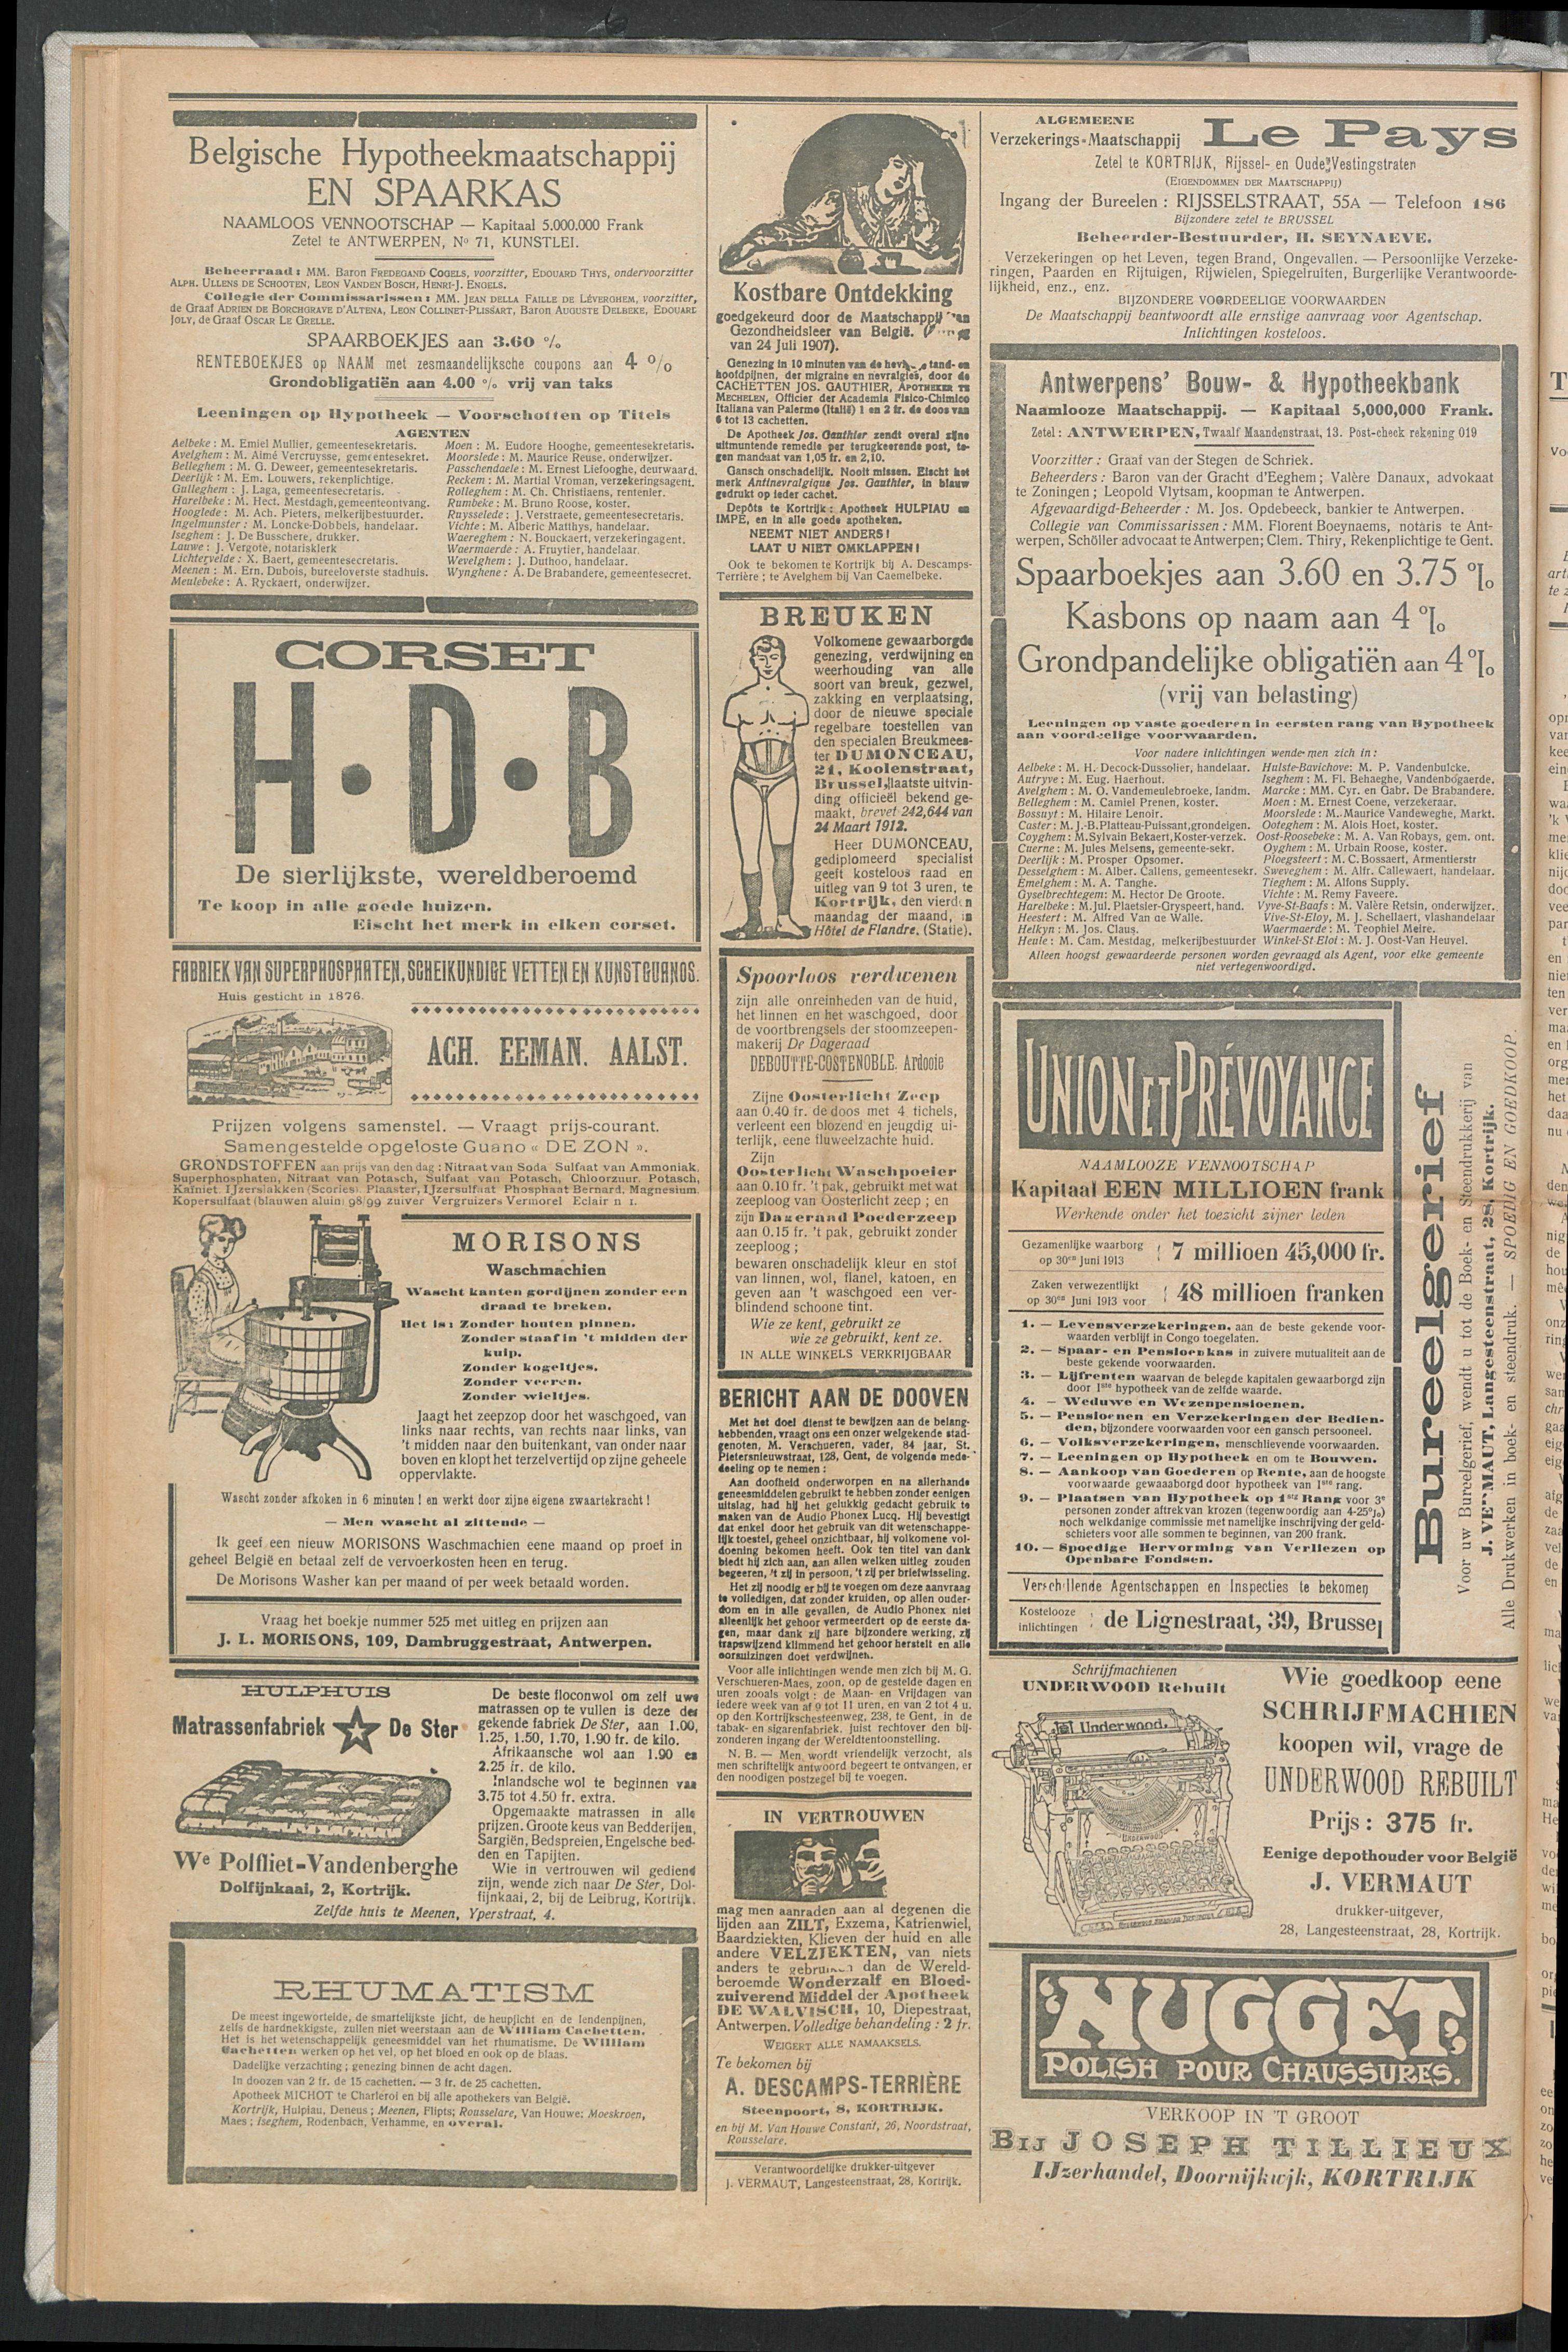 Het Kortrijksche Volk 1914-05-10 p8